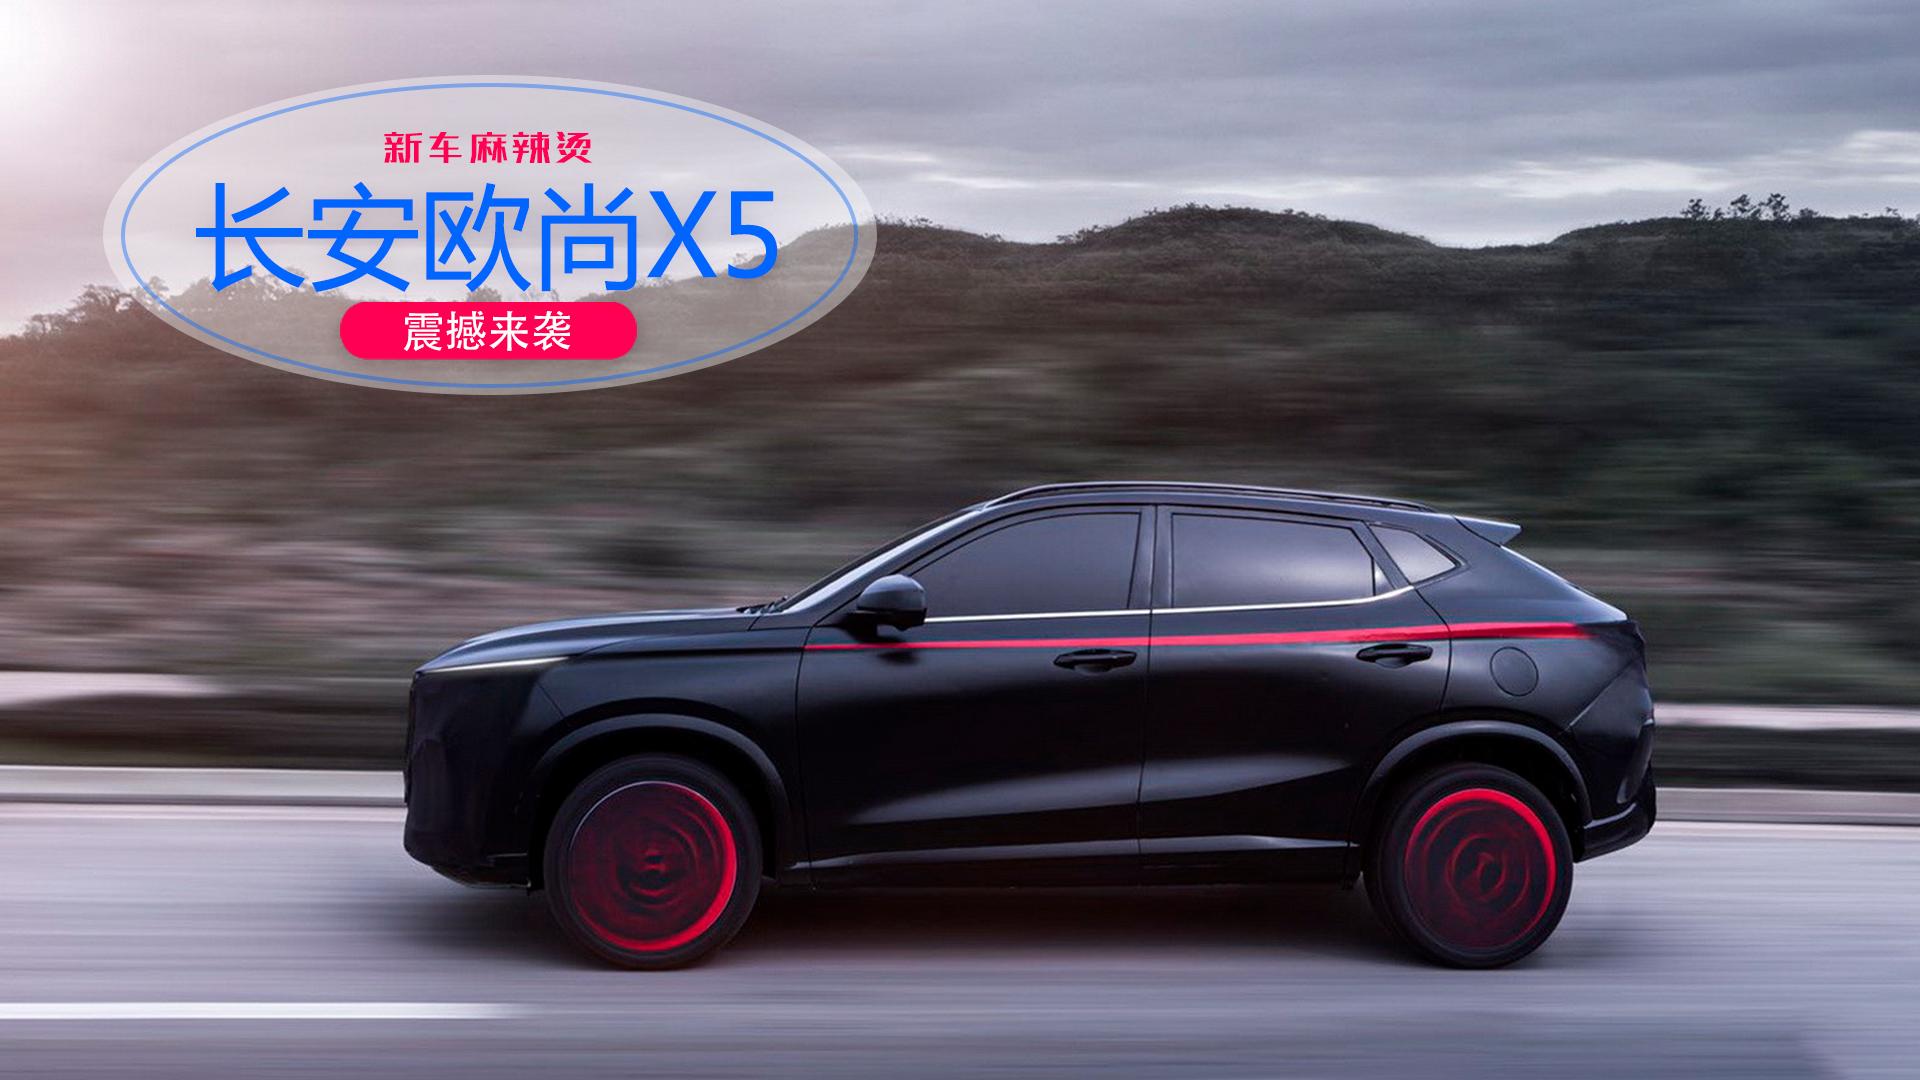 全网首发 | 超感新运动SUV欧尚X5惊艳亮相,11月上市预计8-12万